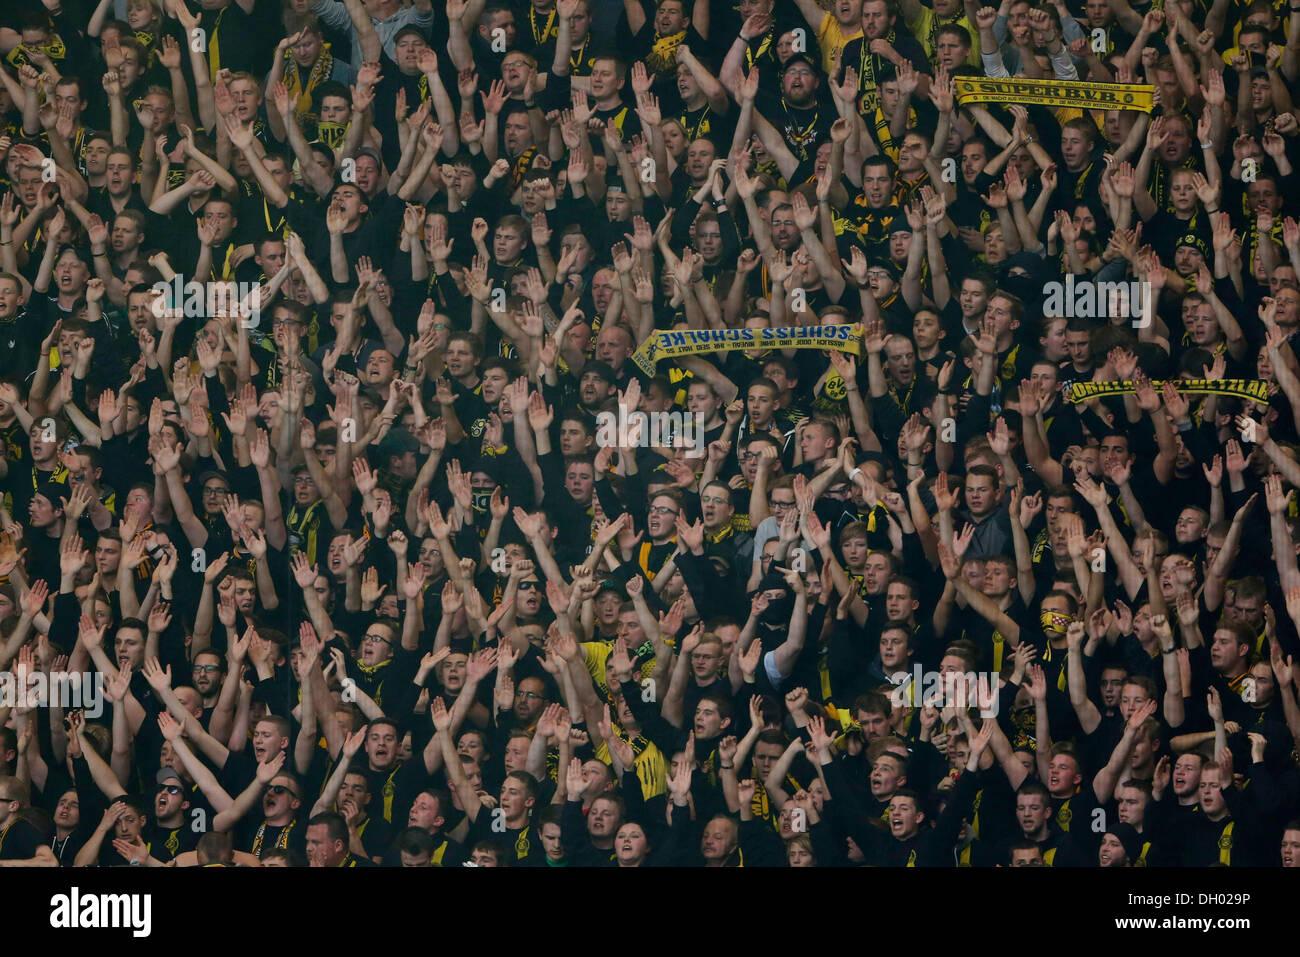 Fussball, Gelsenkirchen , Deutschland , 1. Bundesliga ,  10. Spieltag, FC Schalke 04 - Borussia Dortmund 3 -1 in der Veltins Arena auf Schalke  am 26. 10. 2013 Dortmunder Fans im Fanblock mit Fanschal  © norbert schmidt/Alamy Live News - Stock Image